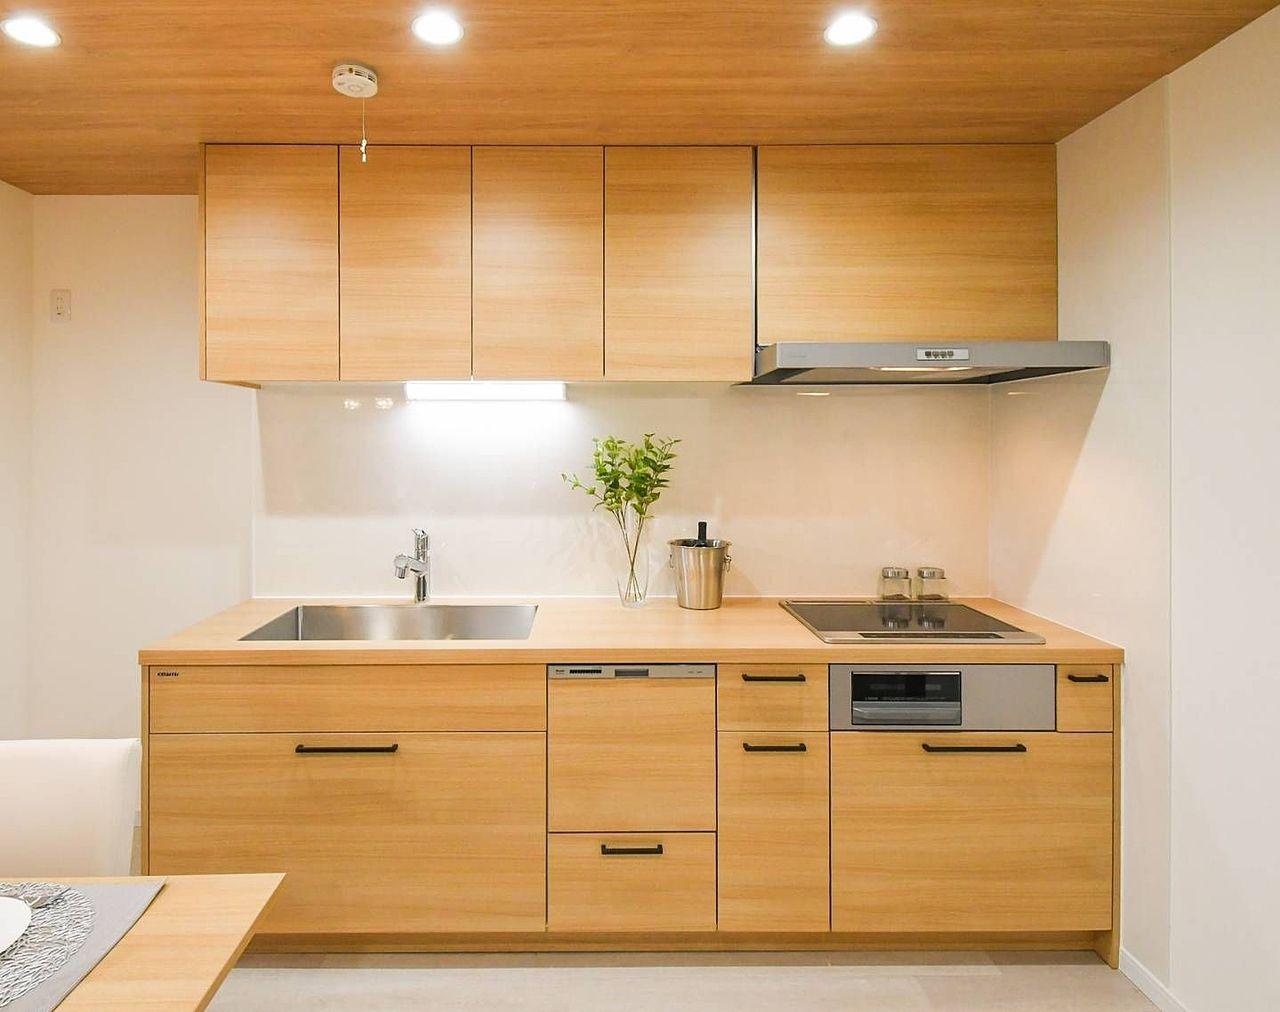 食洗機&IH付のシステムキッチンです(^^)/